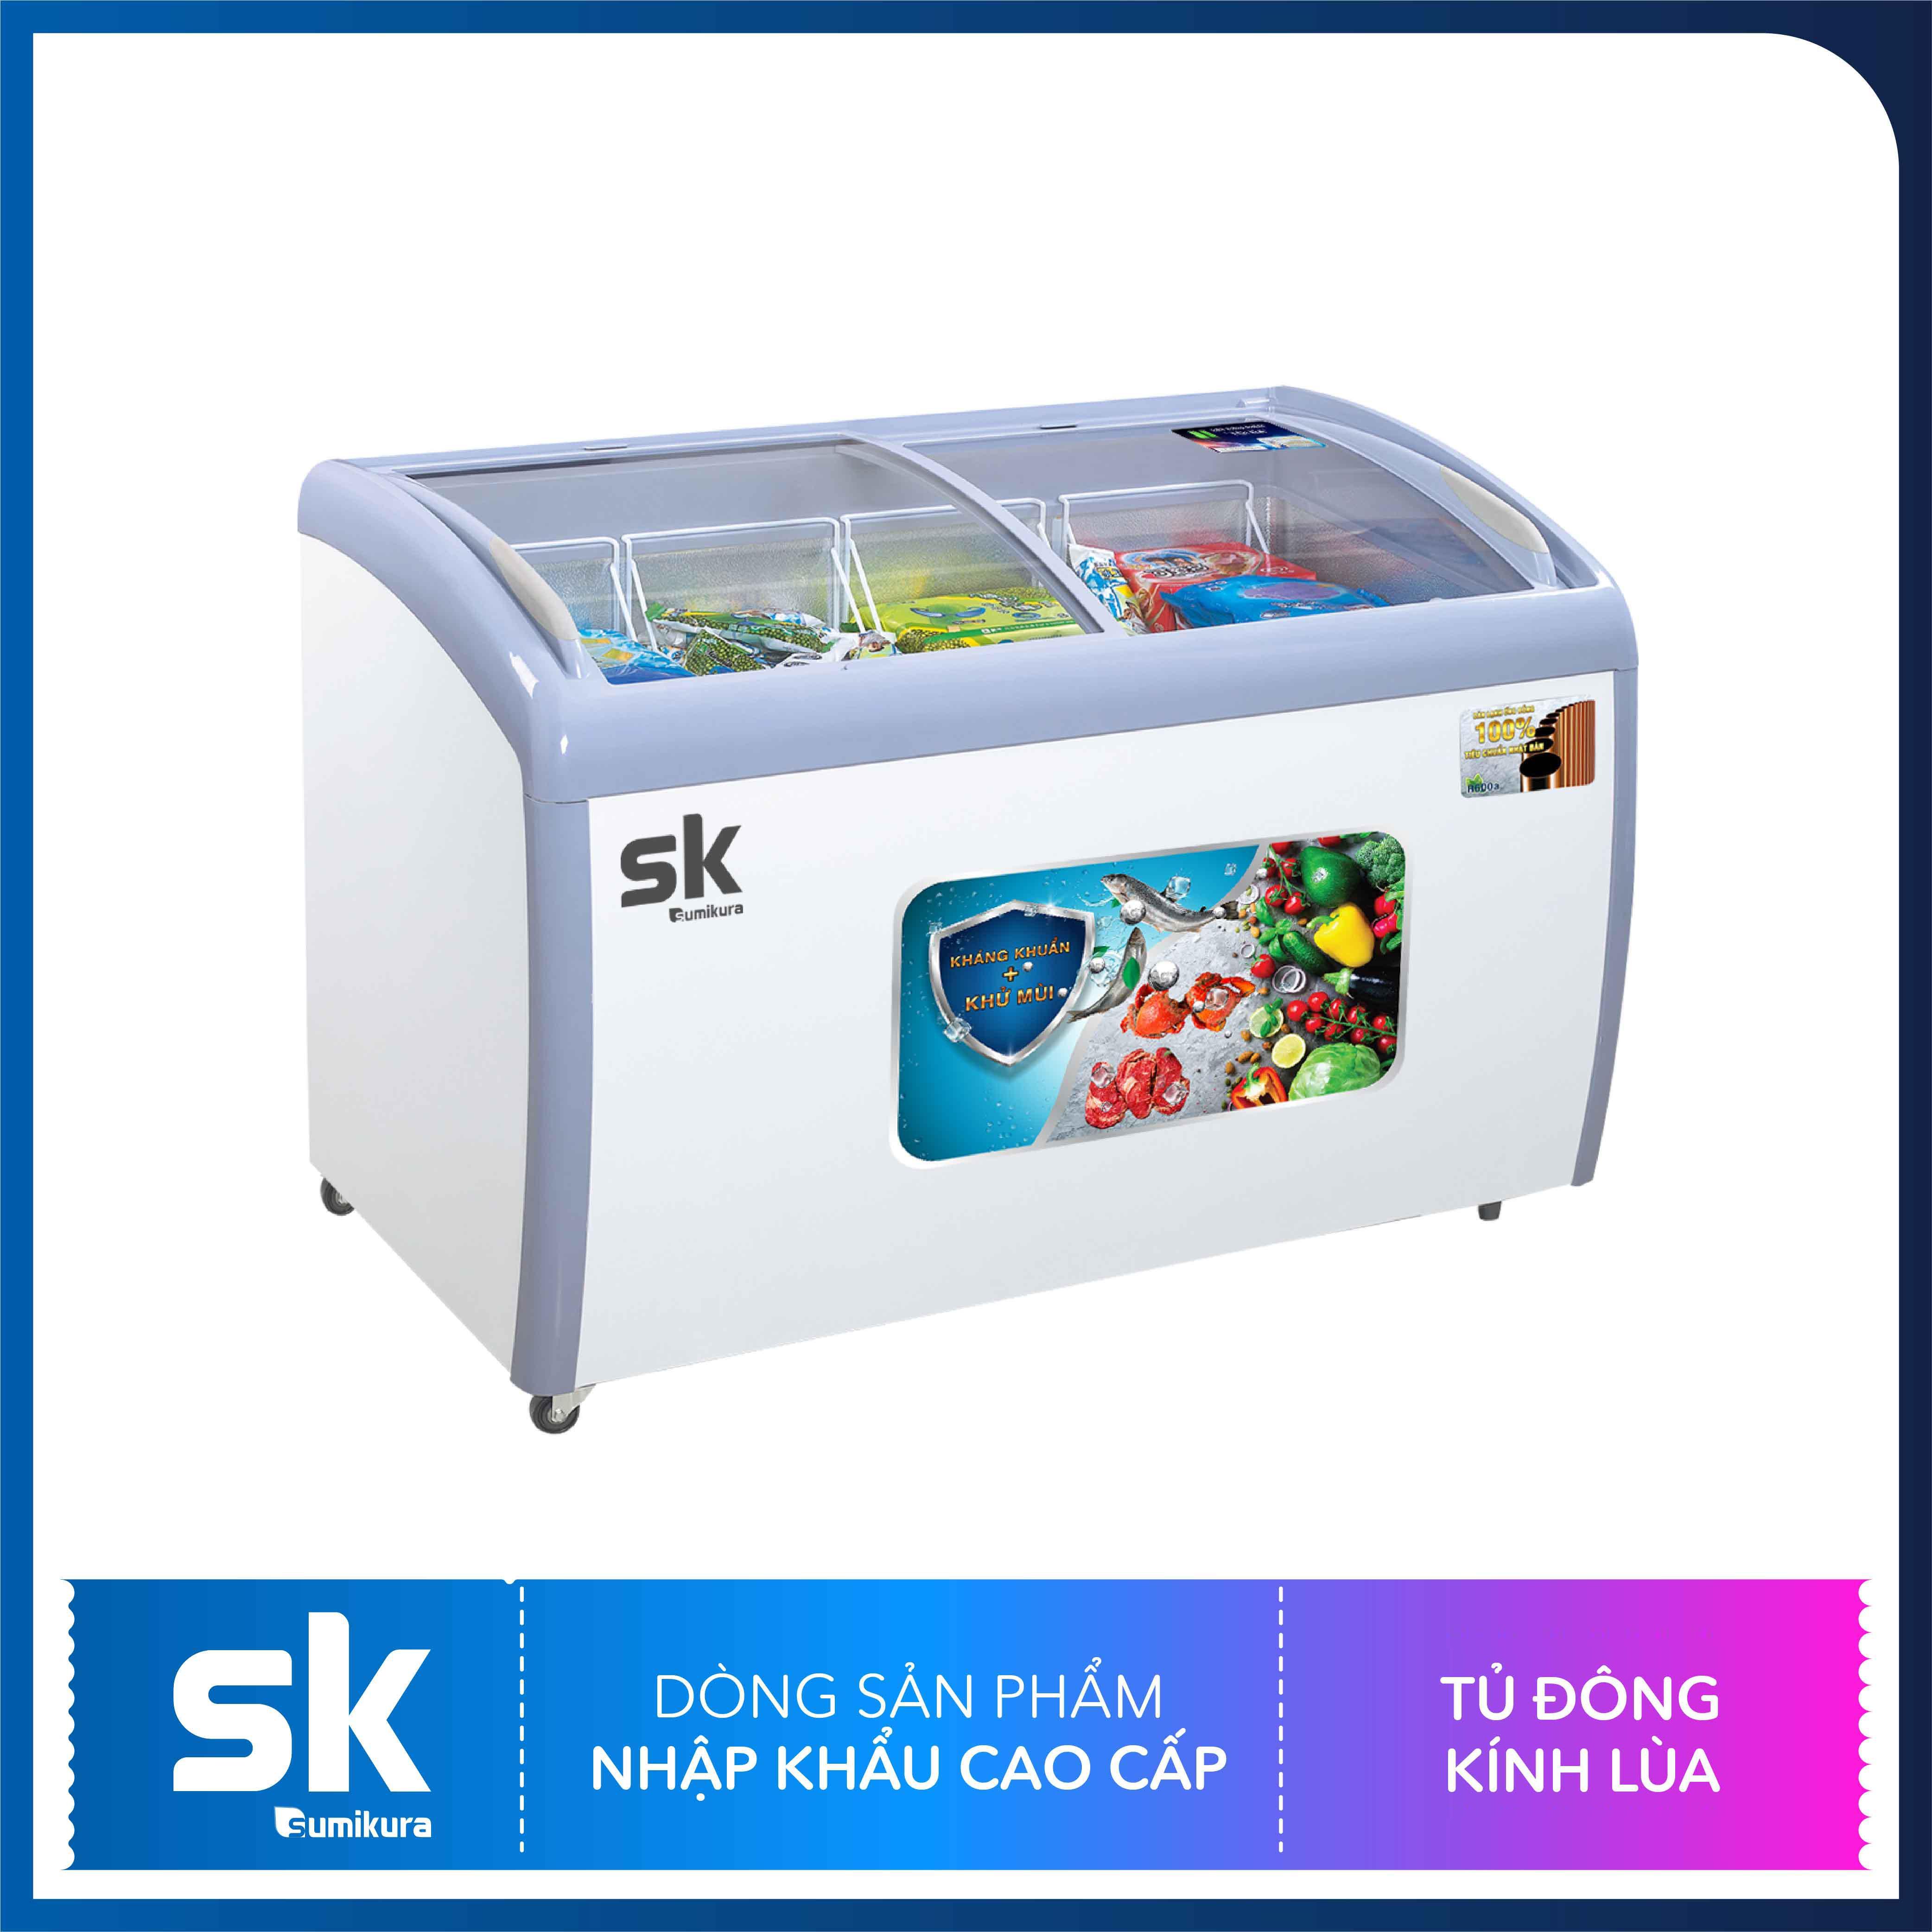 Bảng giá Tủ Đông Kính Lùa 300 Lít SKFS-300C Sumikura Điện máy Pico